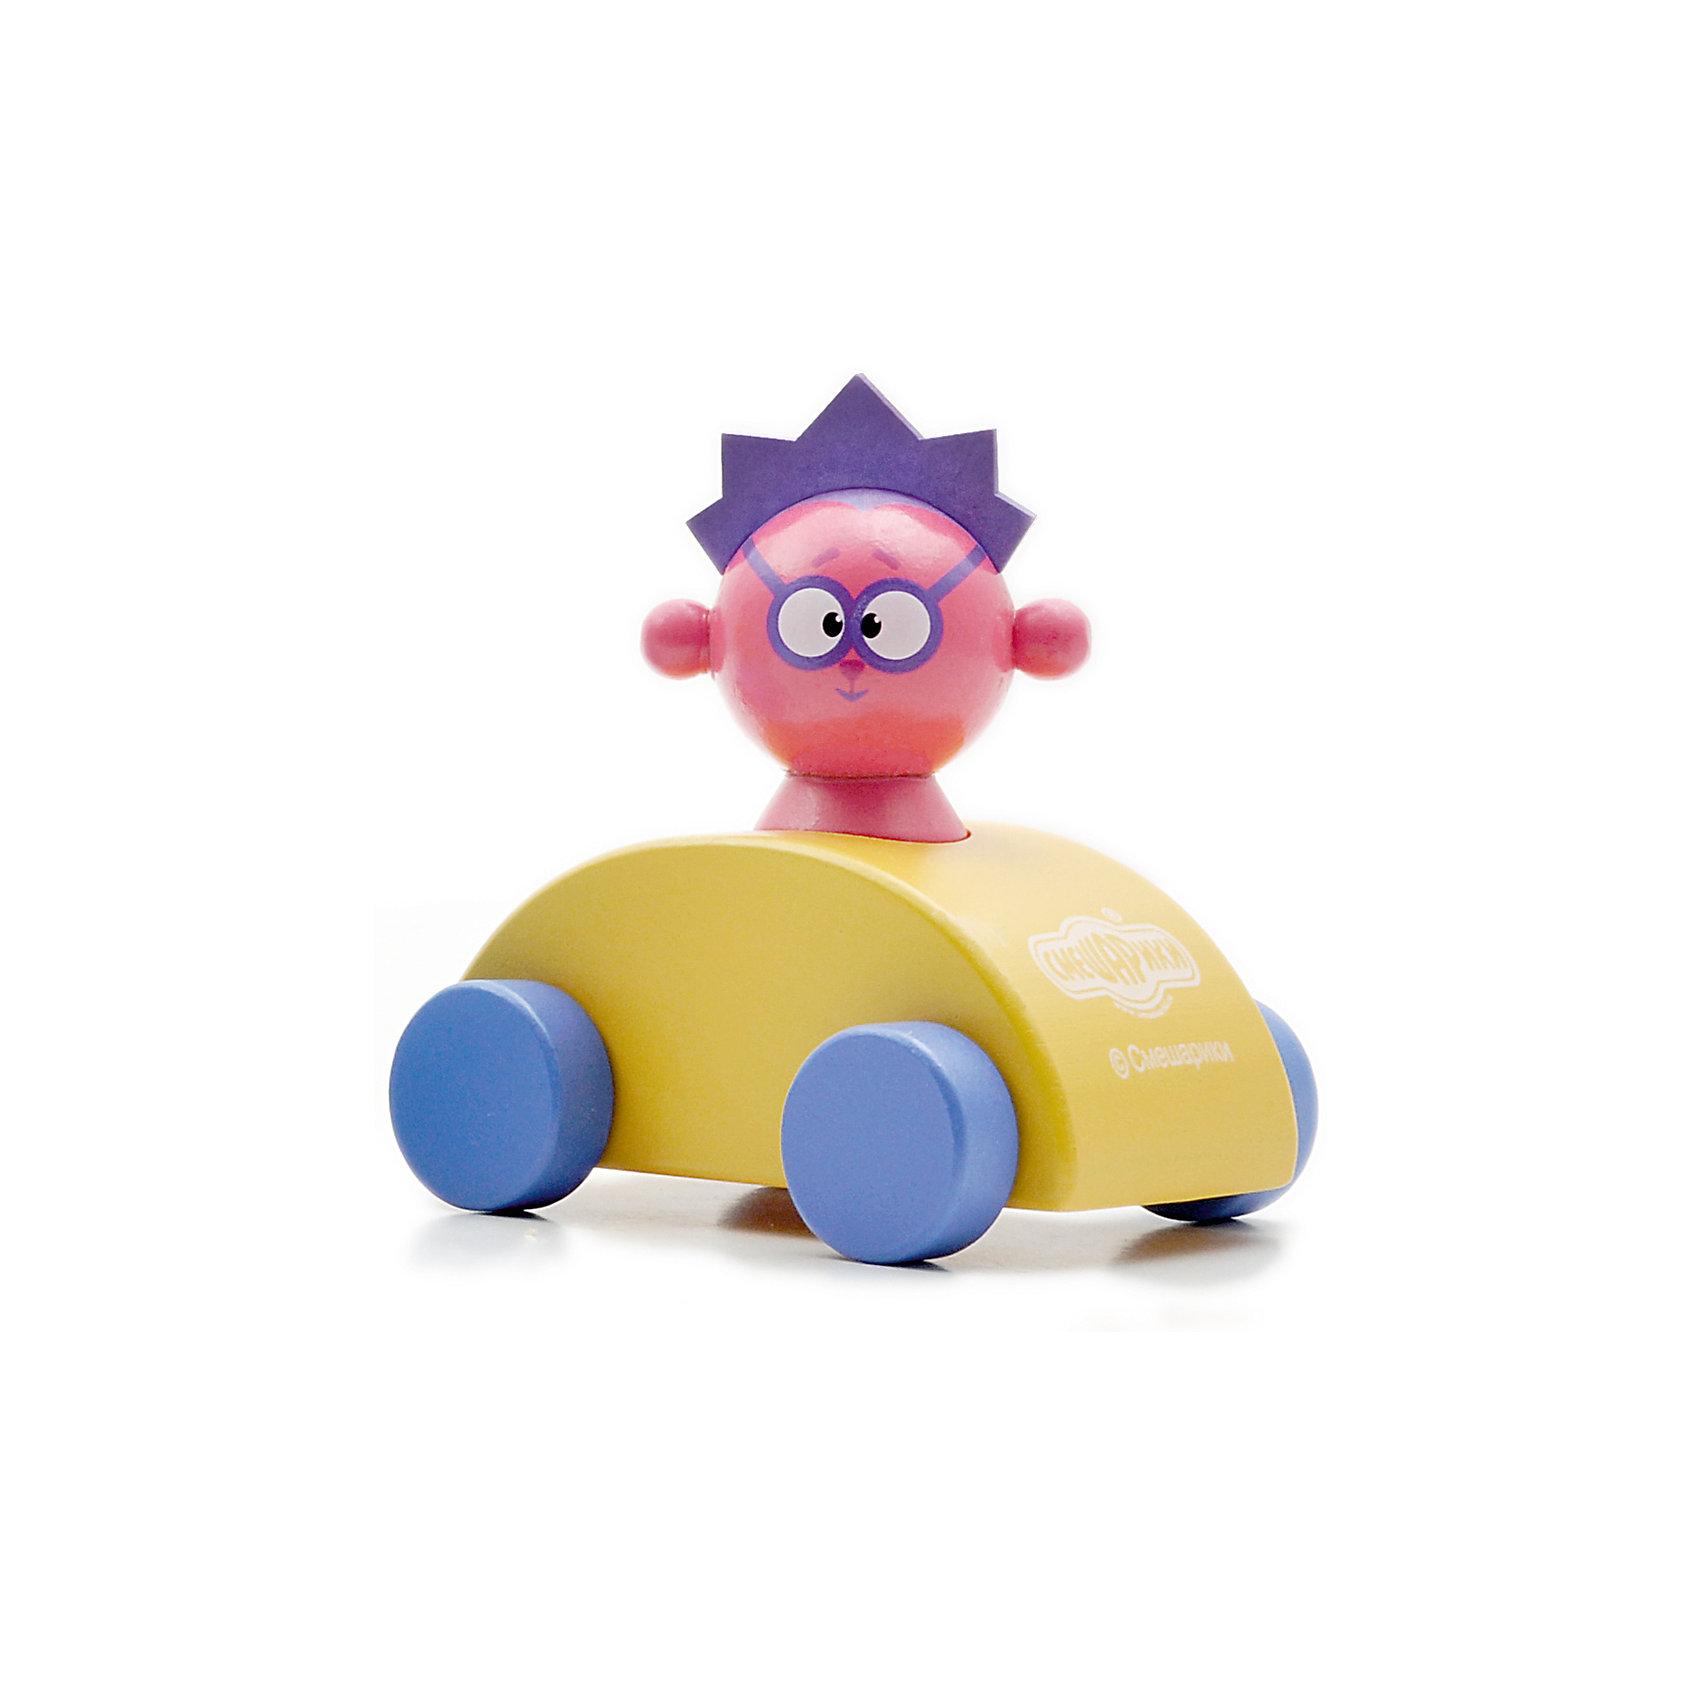 Машинка  Ёжика, Мир деревянных игрушекДеревянные игрушки<br>Машинка Ёжика – играть с любимыми героями еще интереснее!<br>Герой Смешариков Ежик на яркой желтой машине, сделанной из натурального дерева, сможет разнообразить любую игру. Игрушка, благодаря качественному материалу и безопасному закруглению всех углов, подойдет для самых маленьких от года и старше.<br><br>Дополнительная информация:<br>- размер машинки: 12 х 12 х 7 см<br>- размер фигурки: 5 см<br>- вес: 222г<br>- материал: дерево<br>- возраст: от 12 месяцев<br><br>Машинку Ёжика можно купить в нашем интернет-магазине.<br><br>Ширина мм: 100<br>Глубина мм: 70<br>Высота мм: 100<br>Вес г: 222<br>Возраст от месяцев: 36<br>Возраст до месяцев: 2147483647<br>Пол: Унисекс<br>Возраст: Детский<br>SKU: 4895865